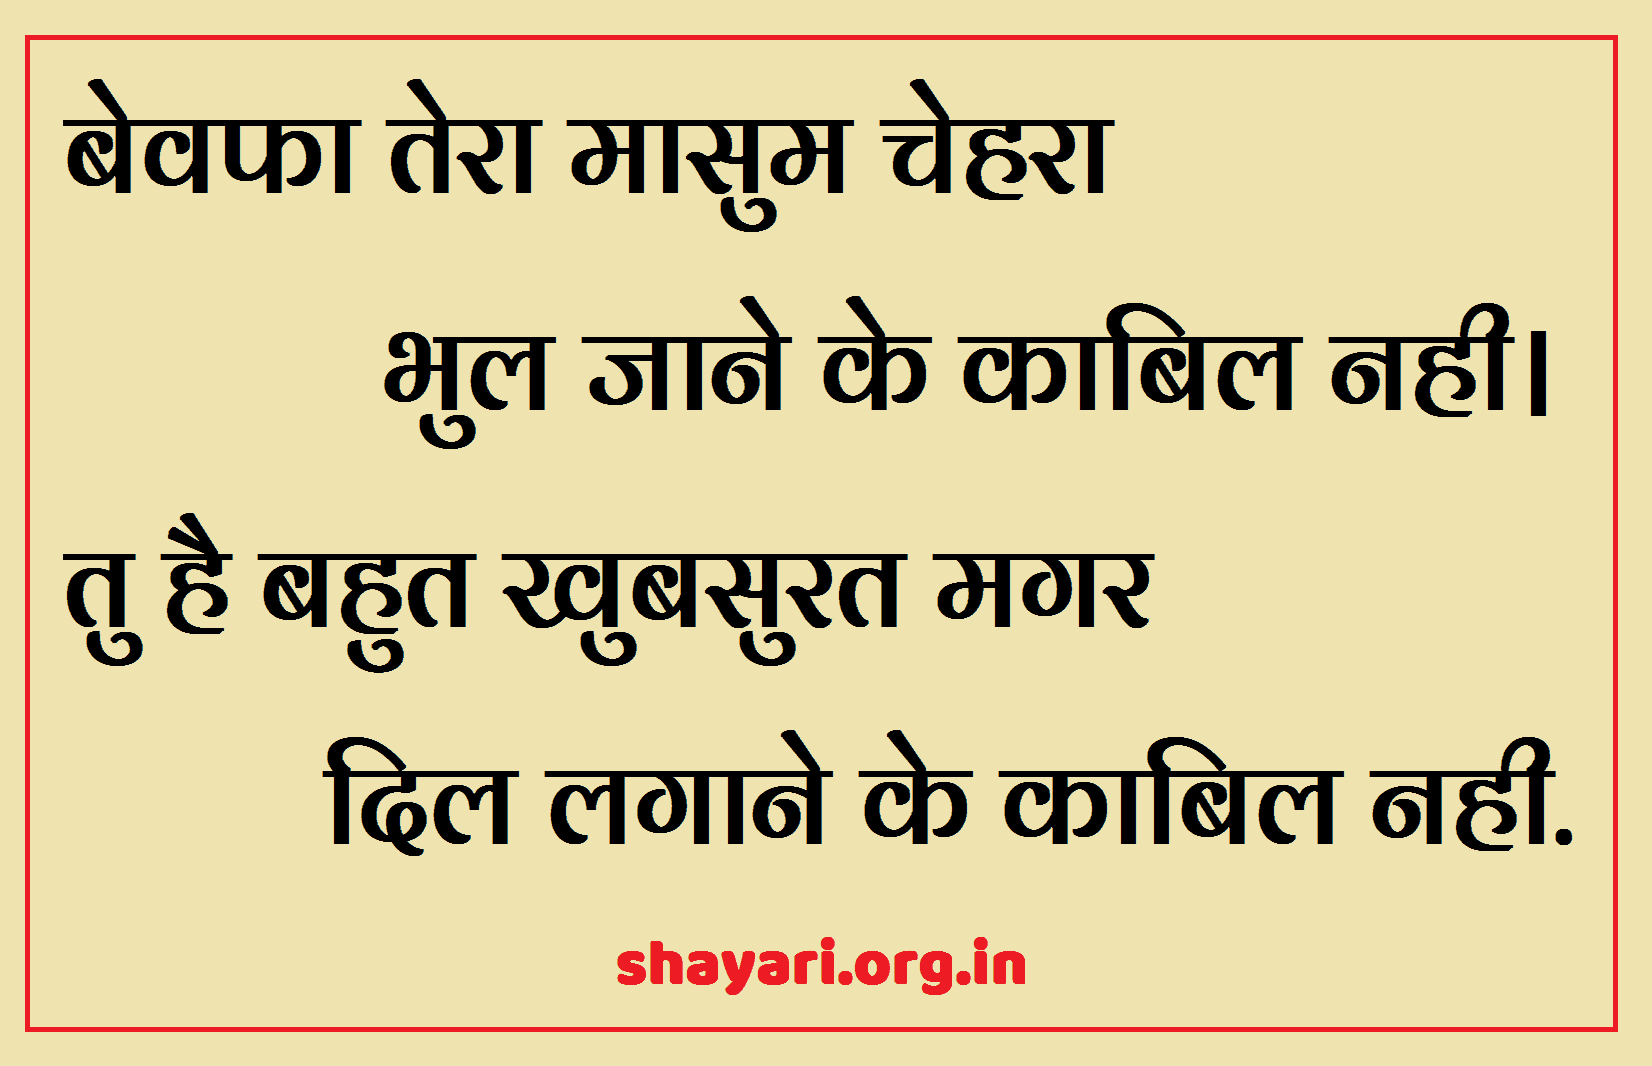 Tu Hai Bahut KhubSurat Hindi Shayari 2020